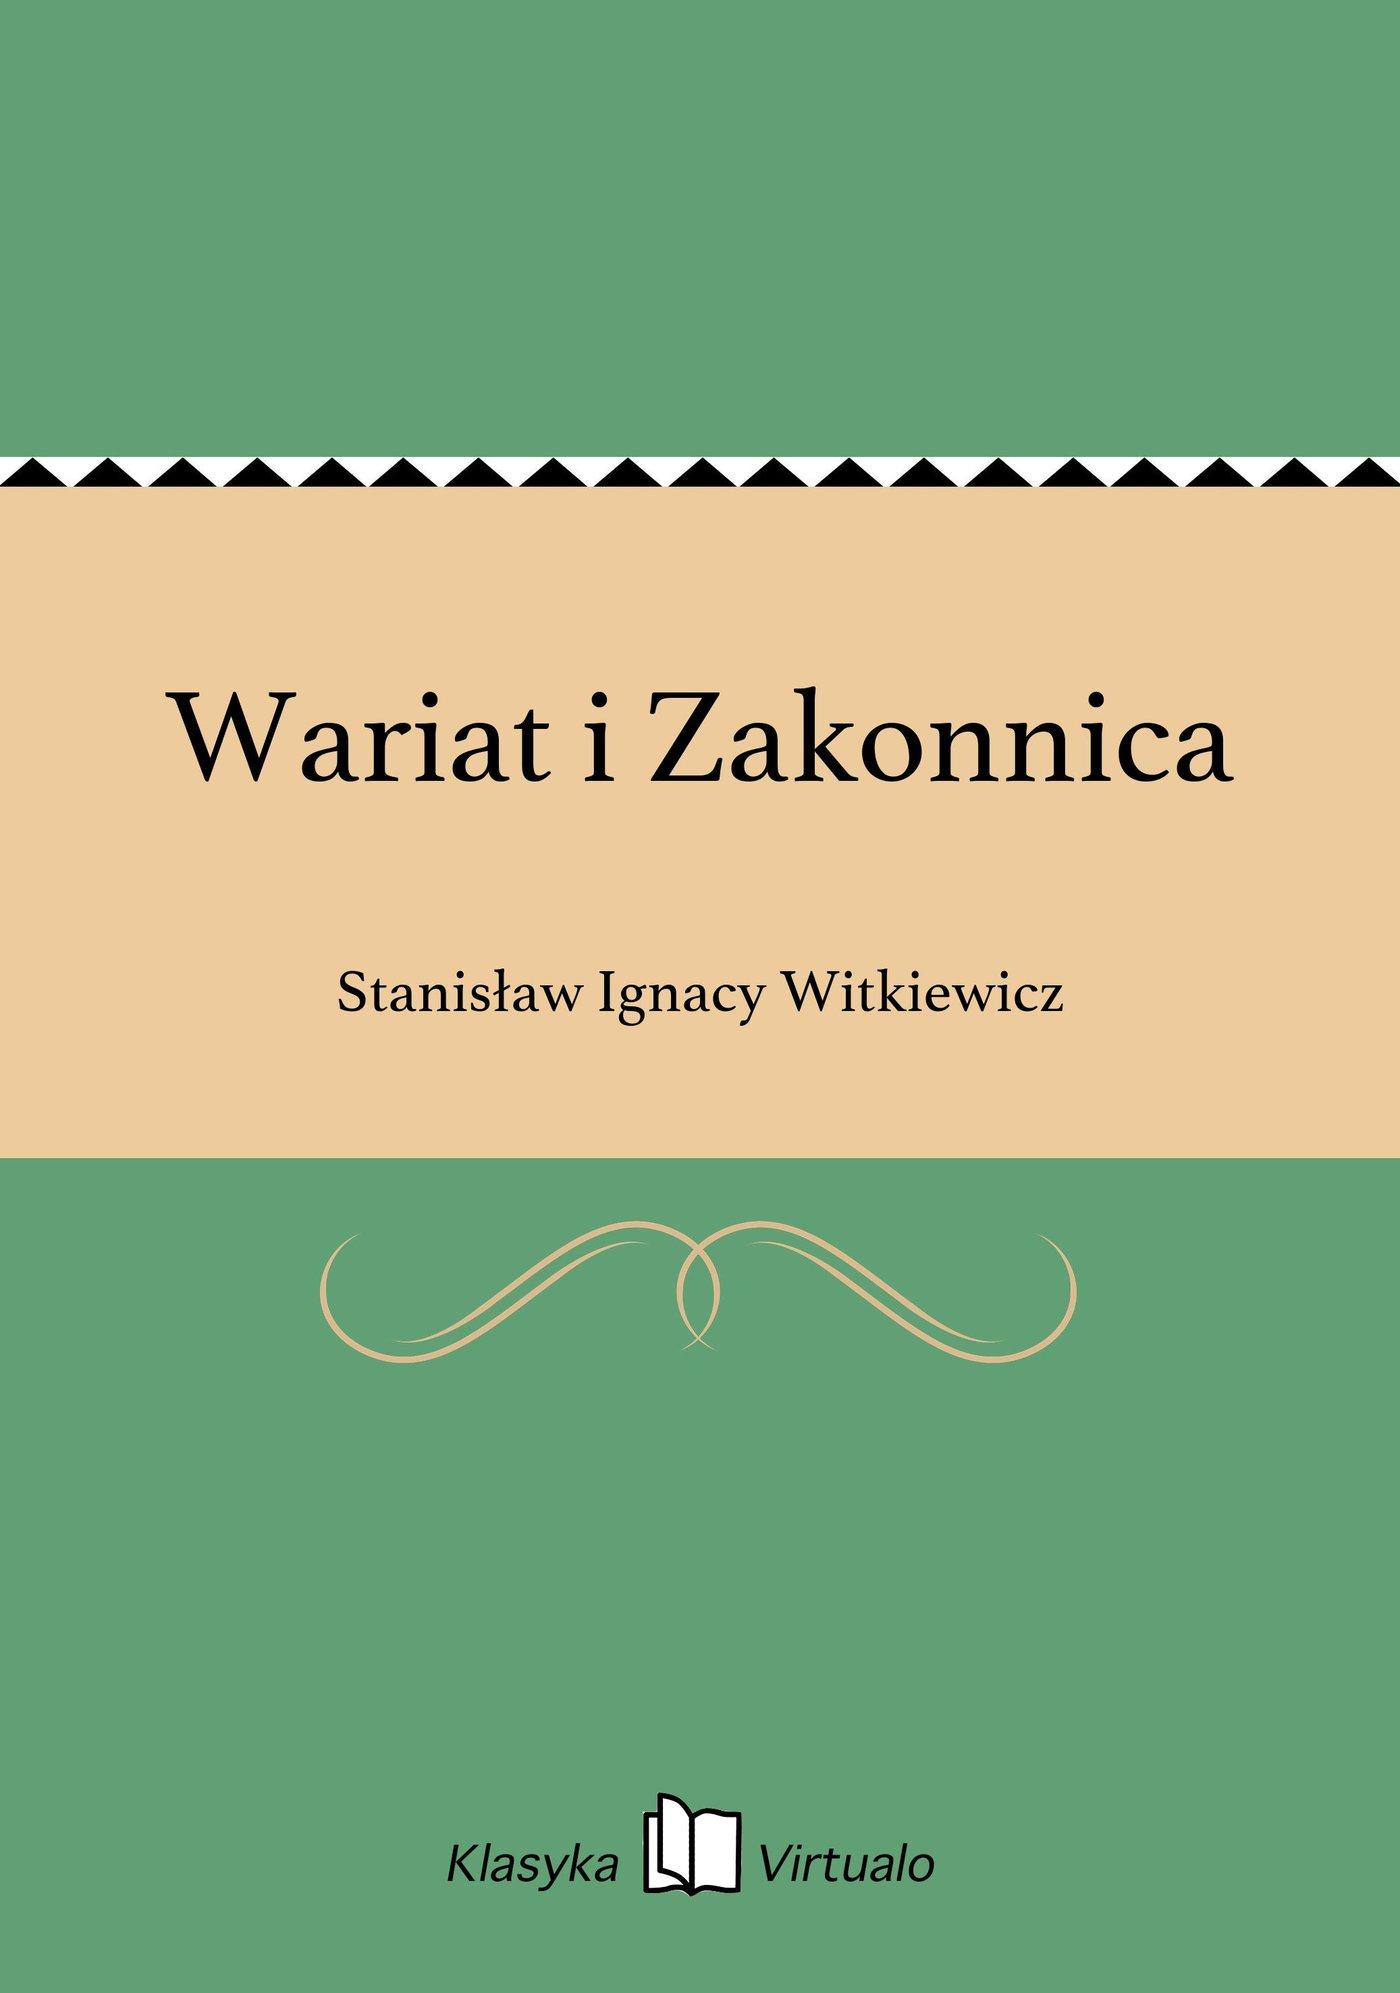 Wariat i Zakonnica - Ebook (Książka EPUB) do pobrania w formacie EPUB